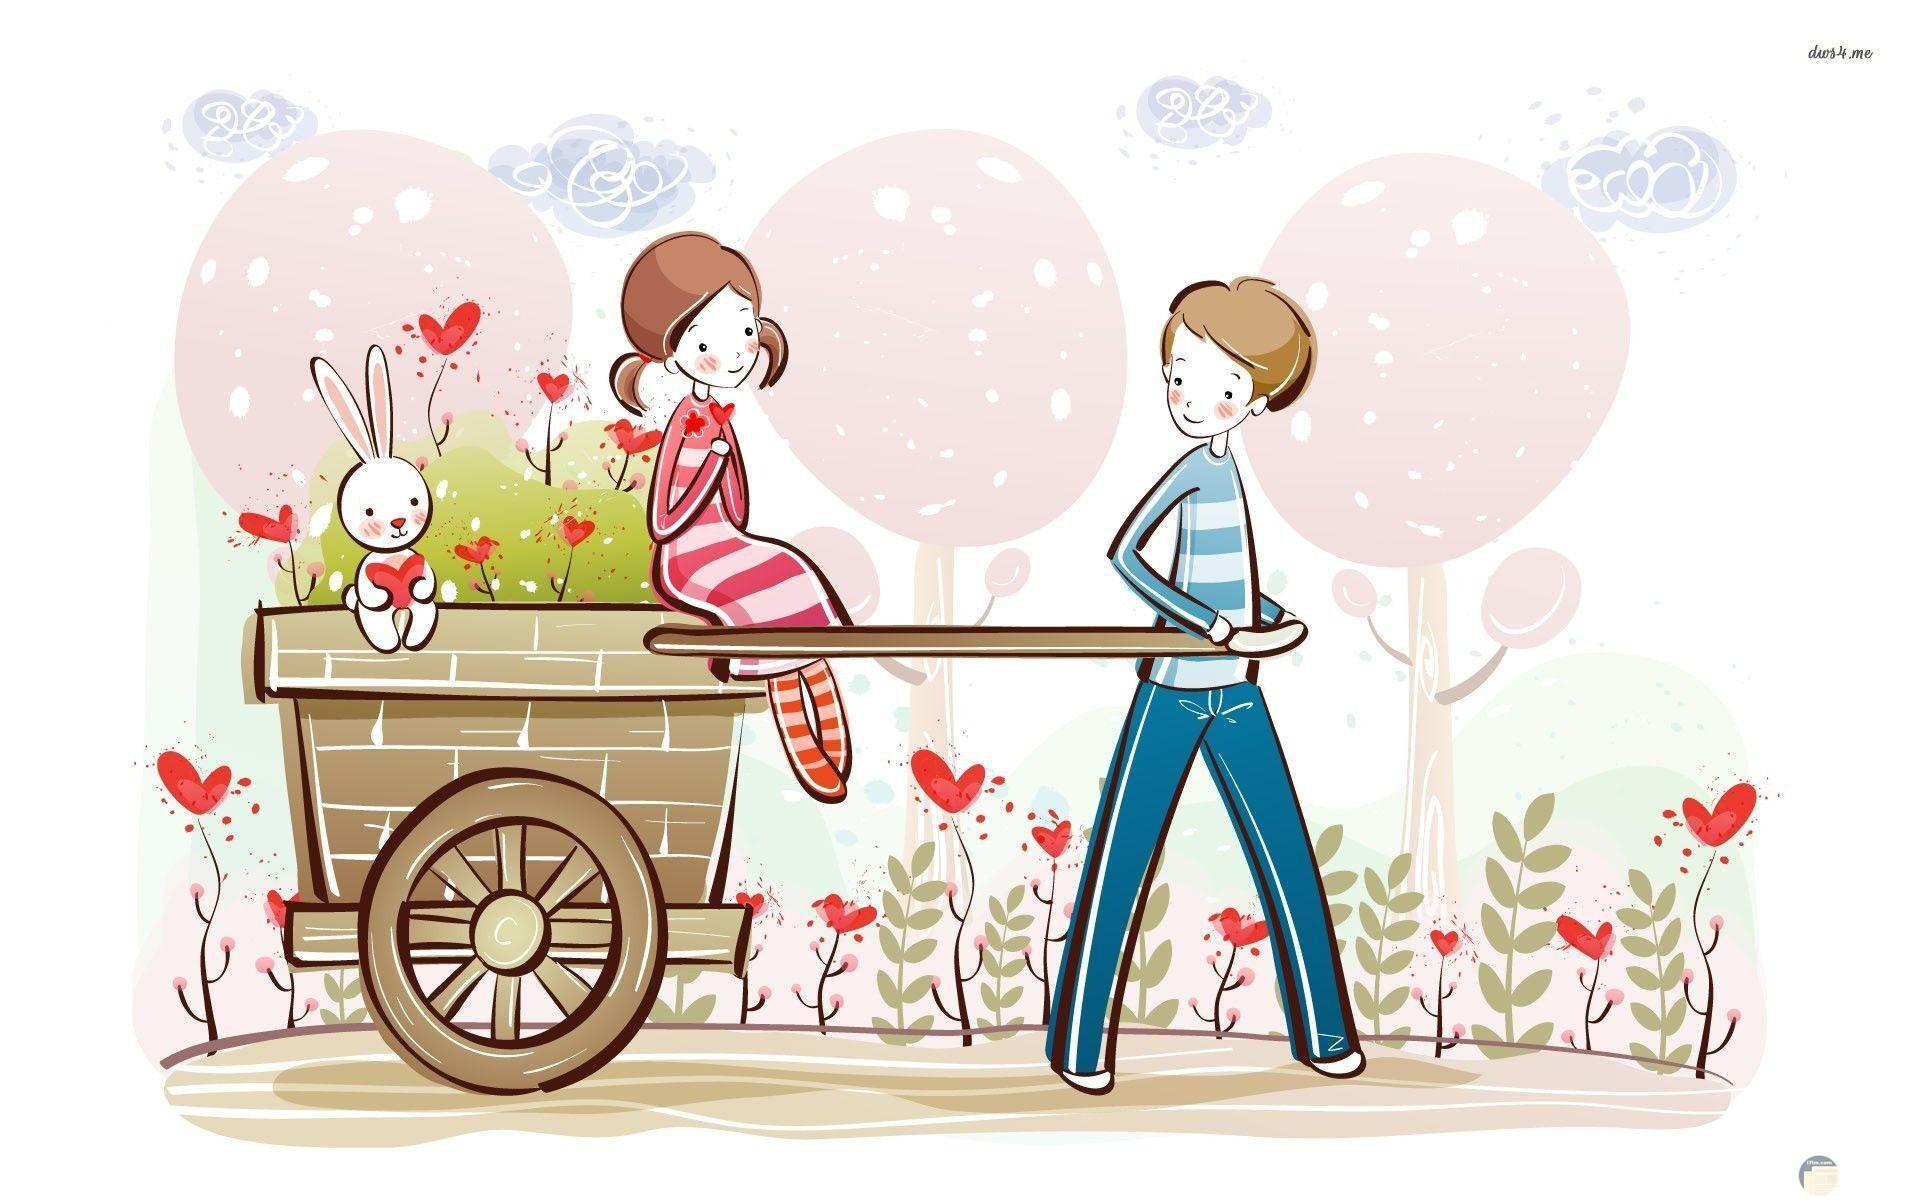 رسمة معبرة عن الحب و الحنان.